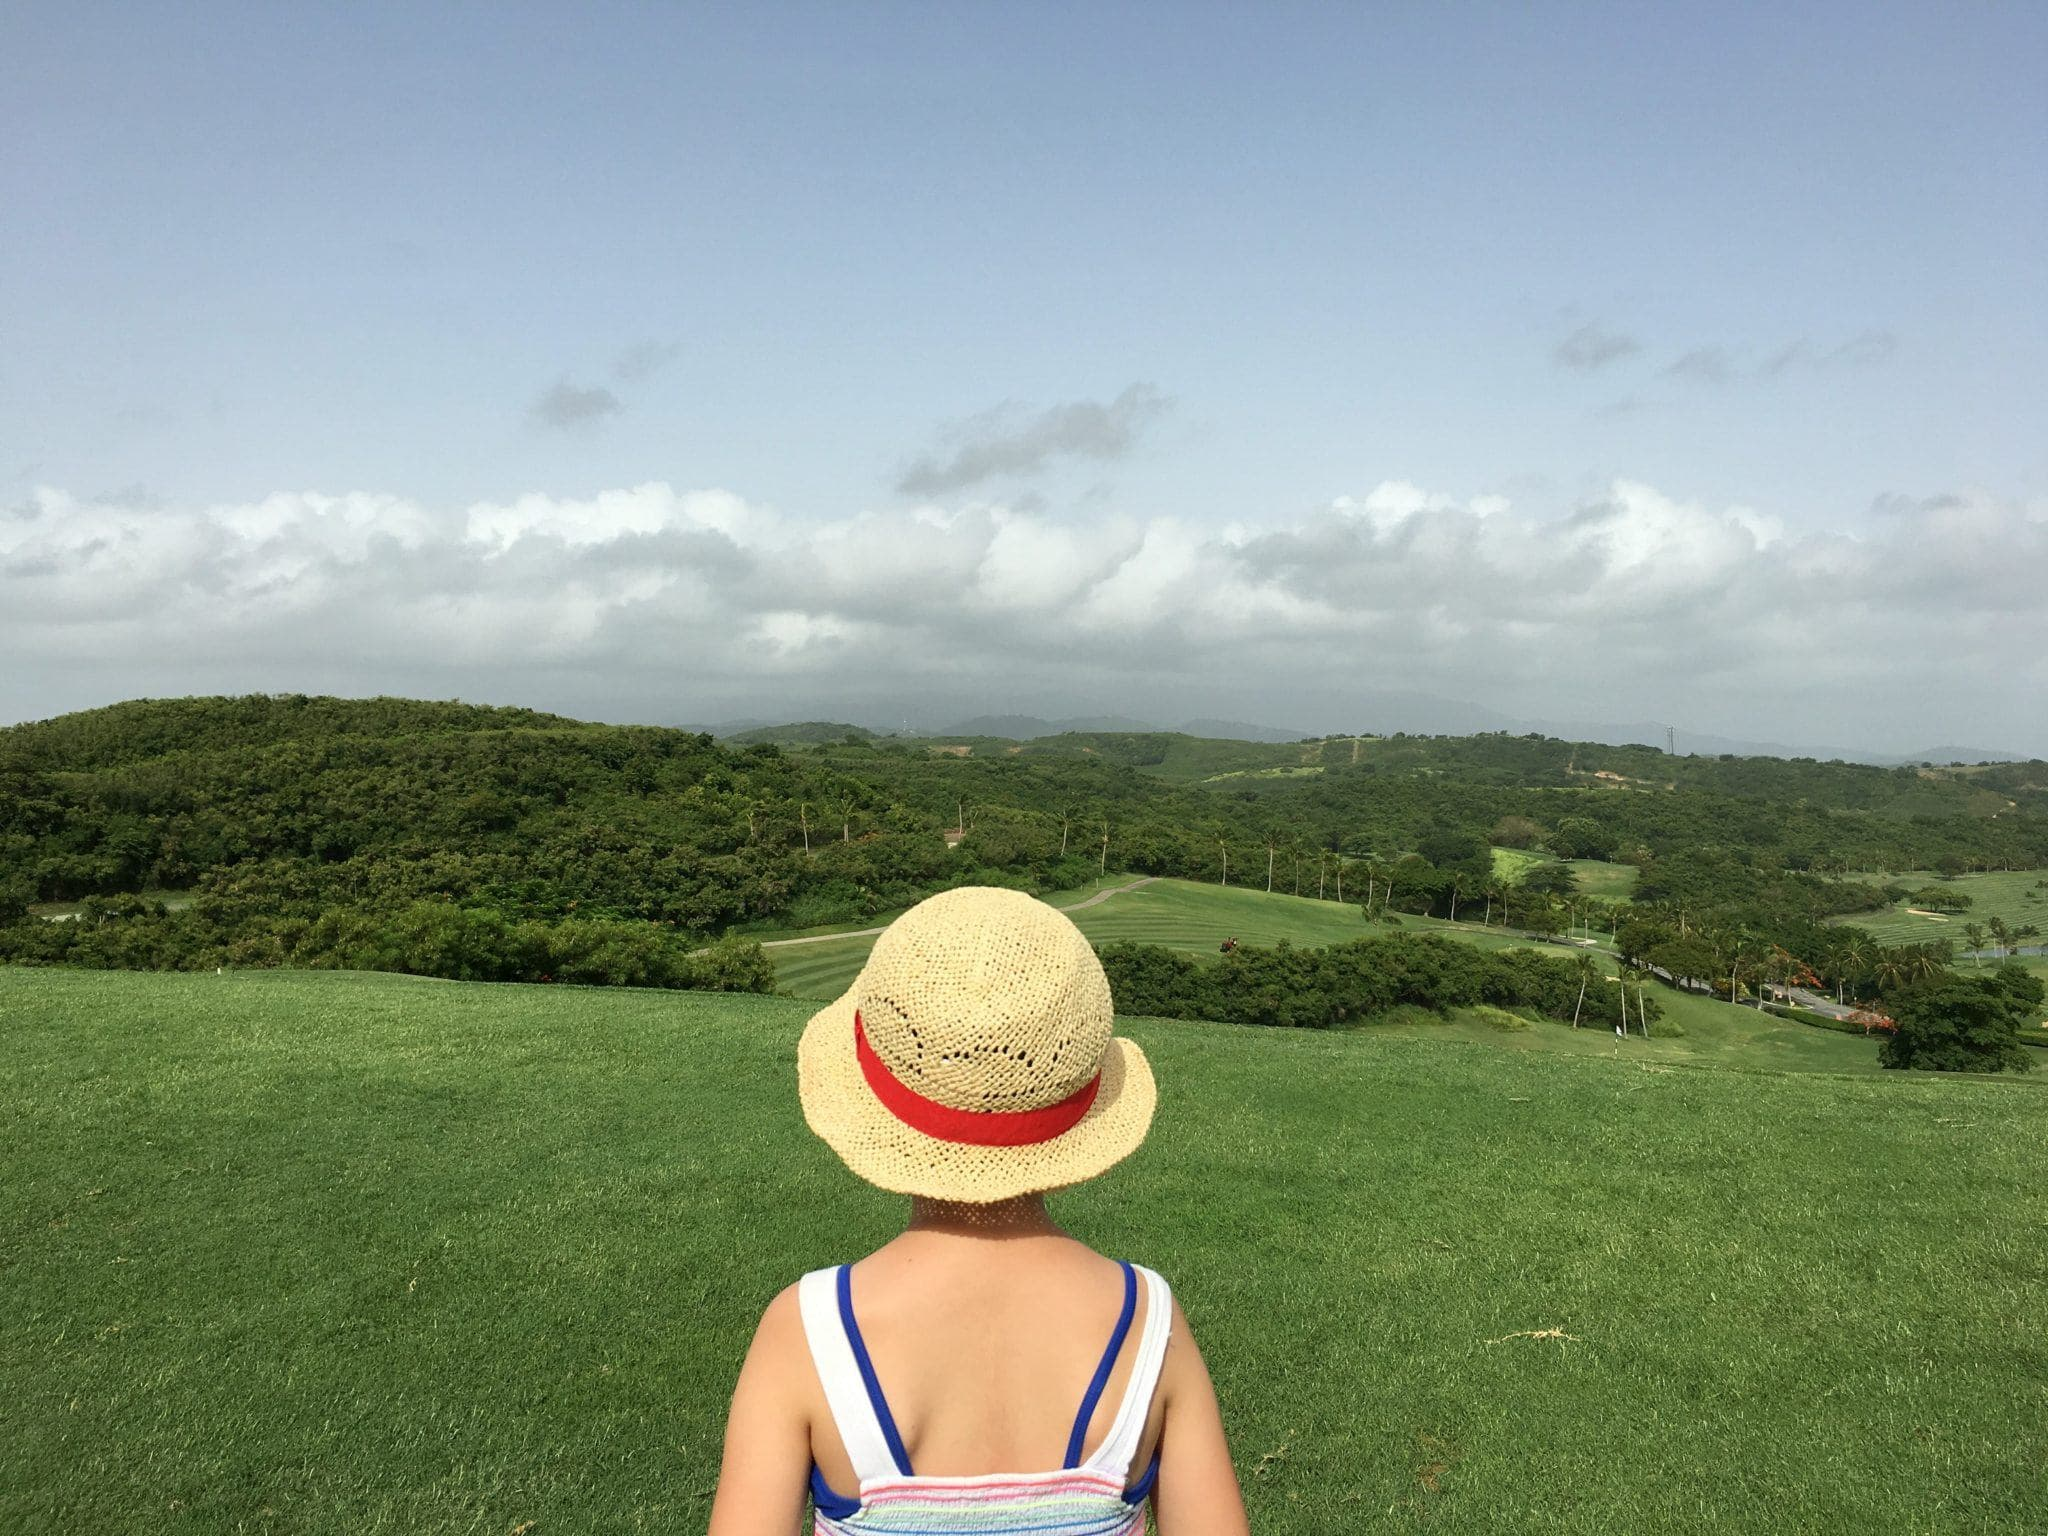 El Conquistador Puerto Rico Rainforest View ~ Why You'll Love Puerto Rico's El Conquistador Resort with Kids